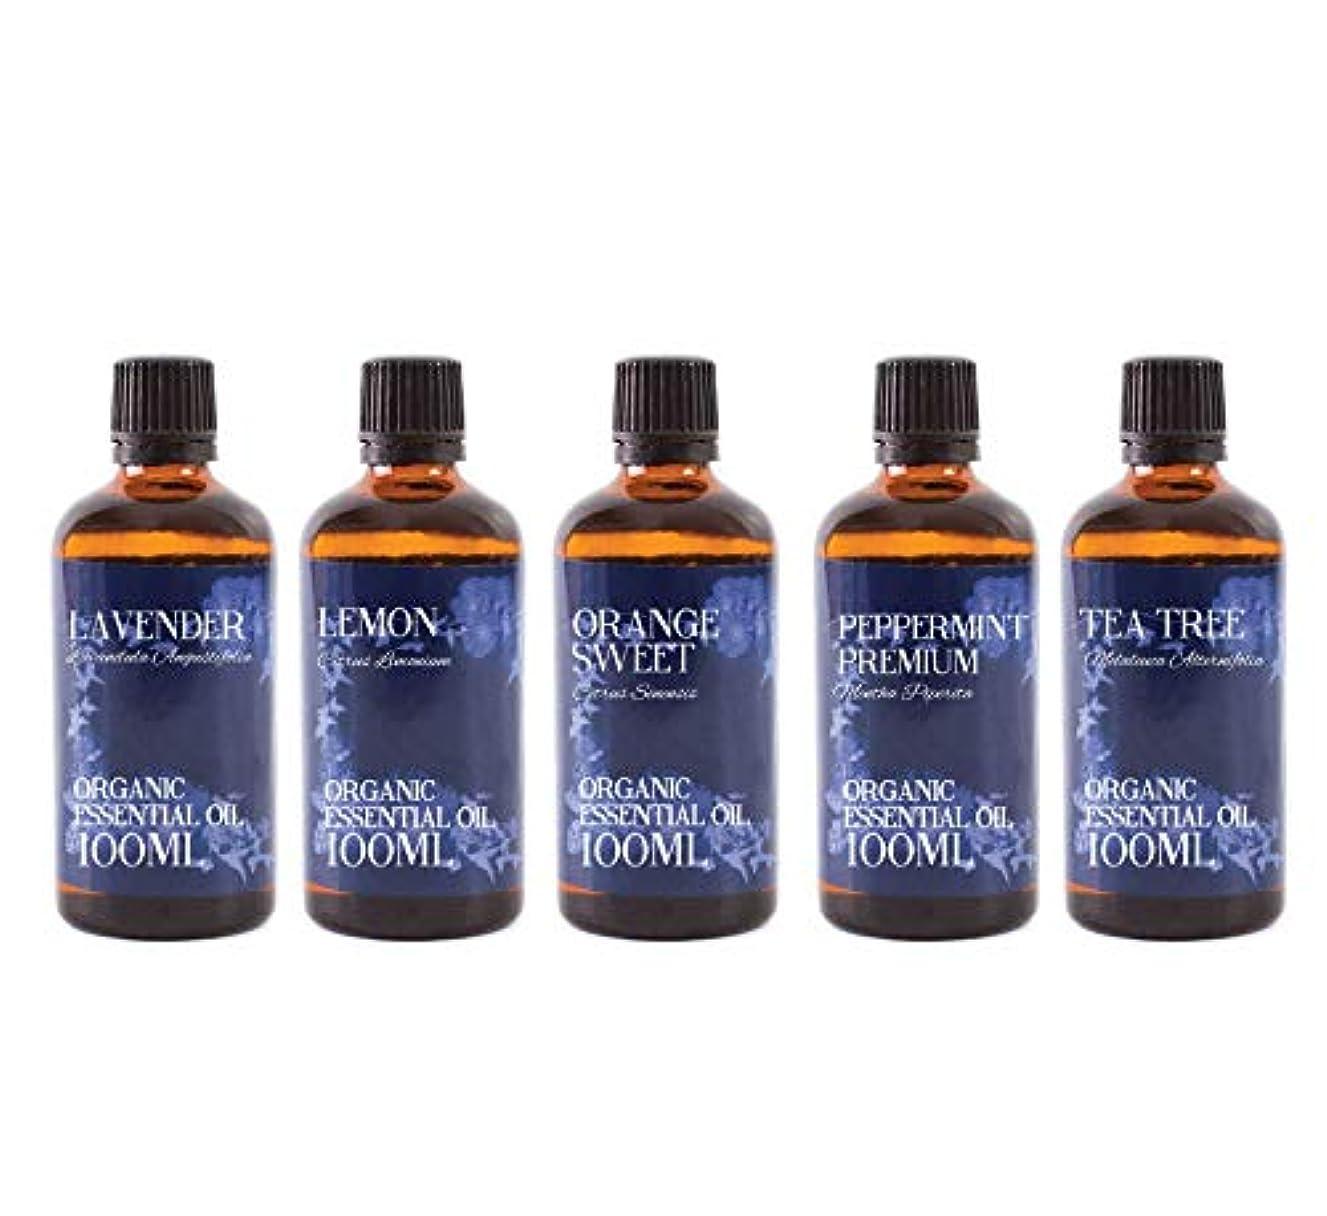 適度な技術者ライトニングMystic Moments | Organic Essential Oil Starter Pack - Favourite Oils - 5 x 100ml - 100% Pure